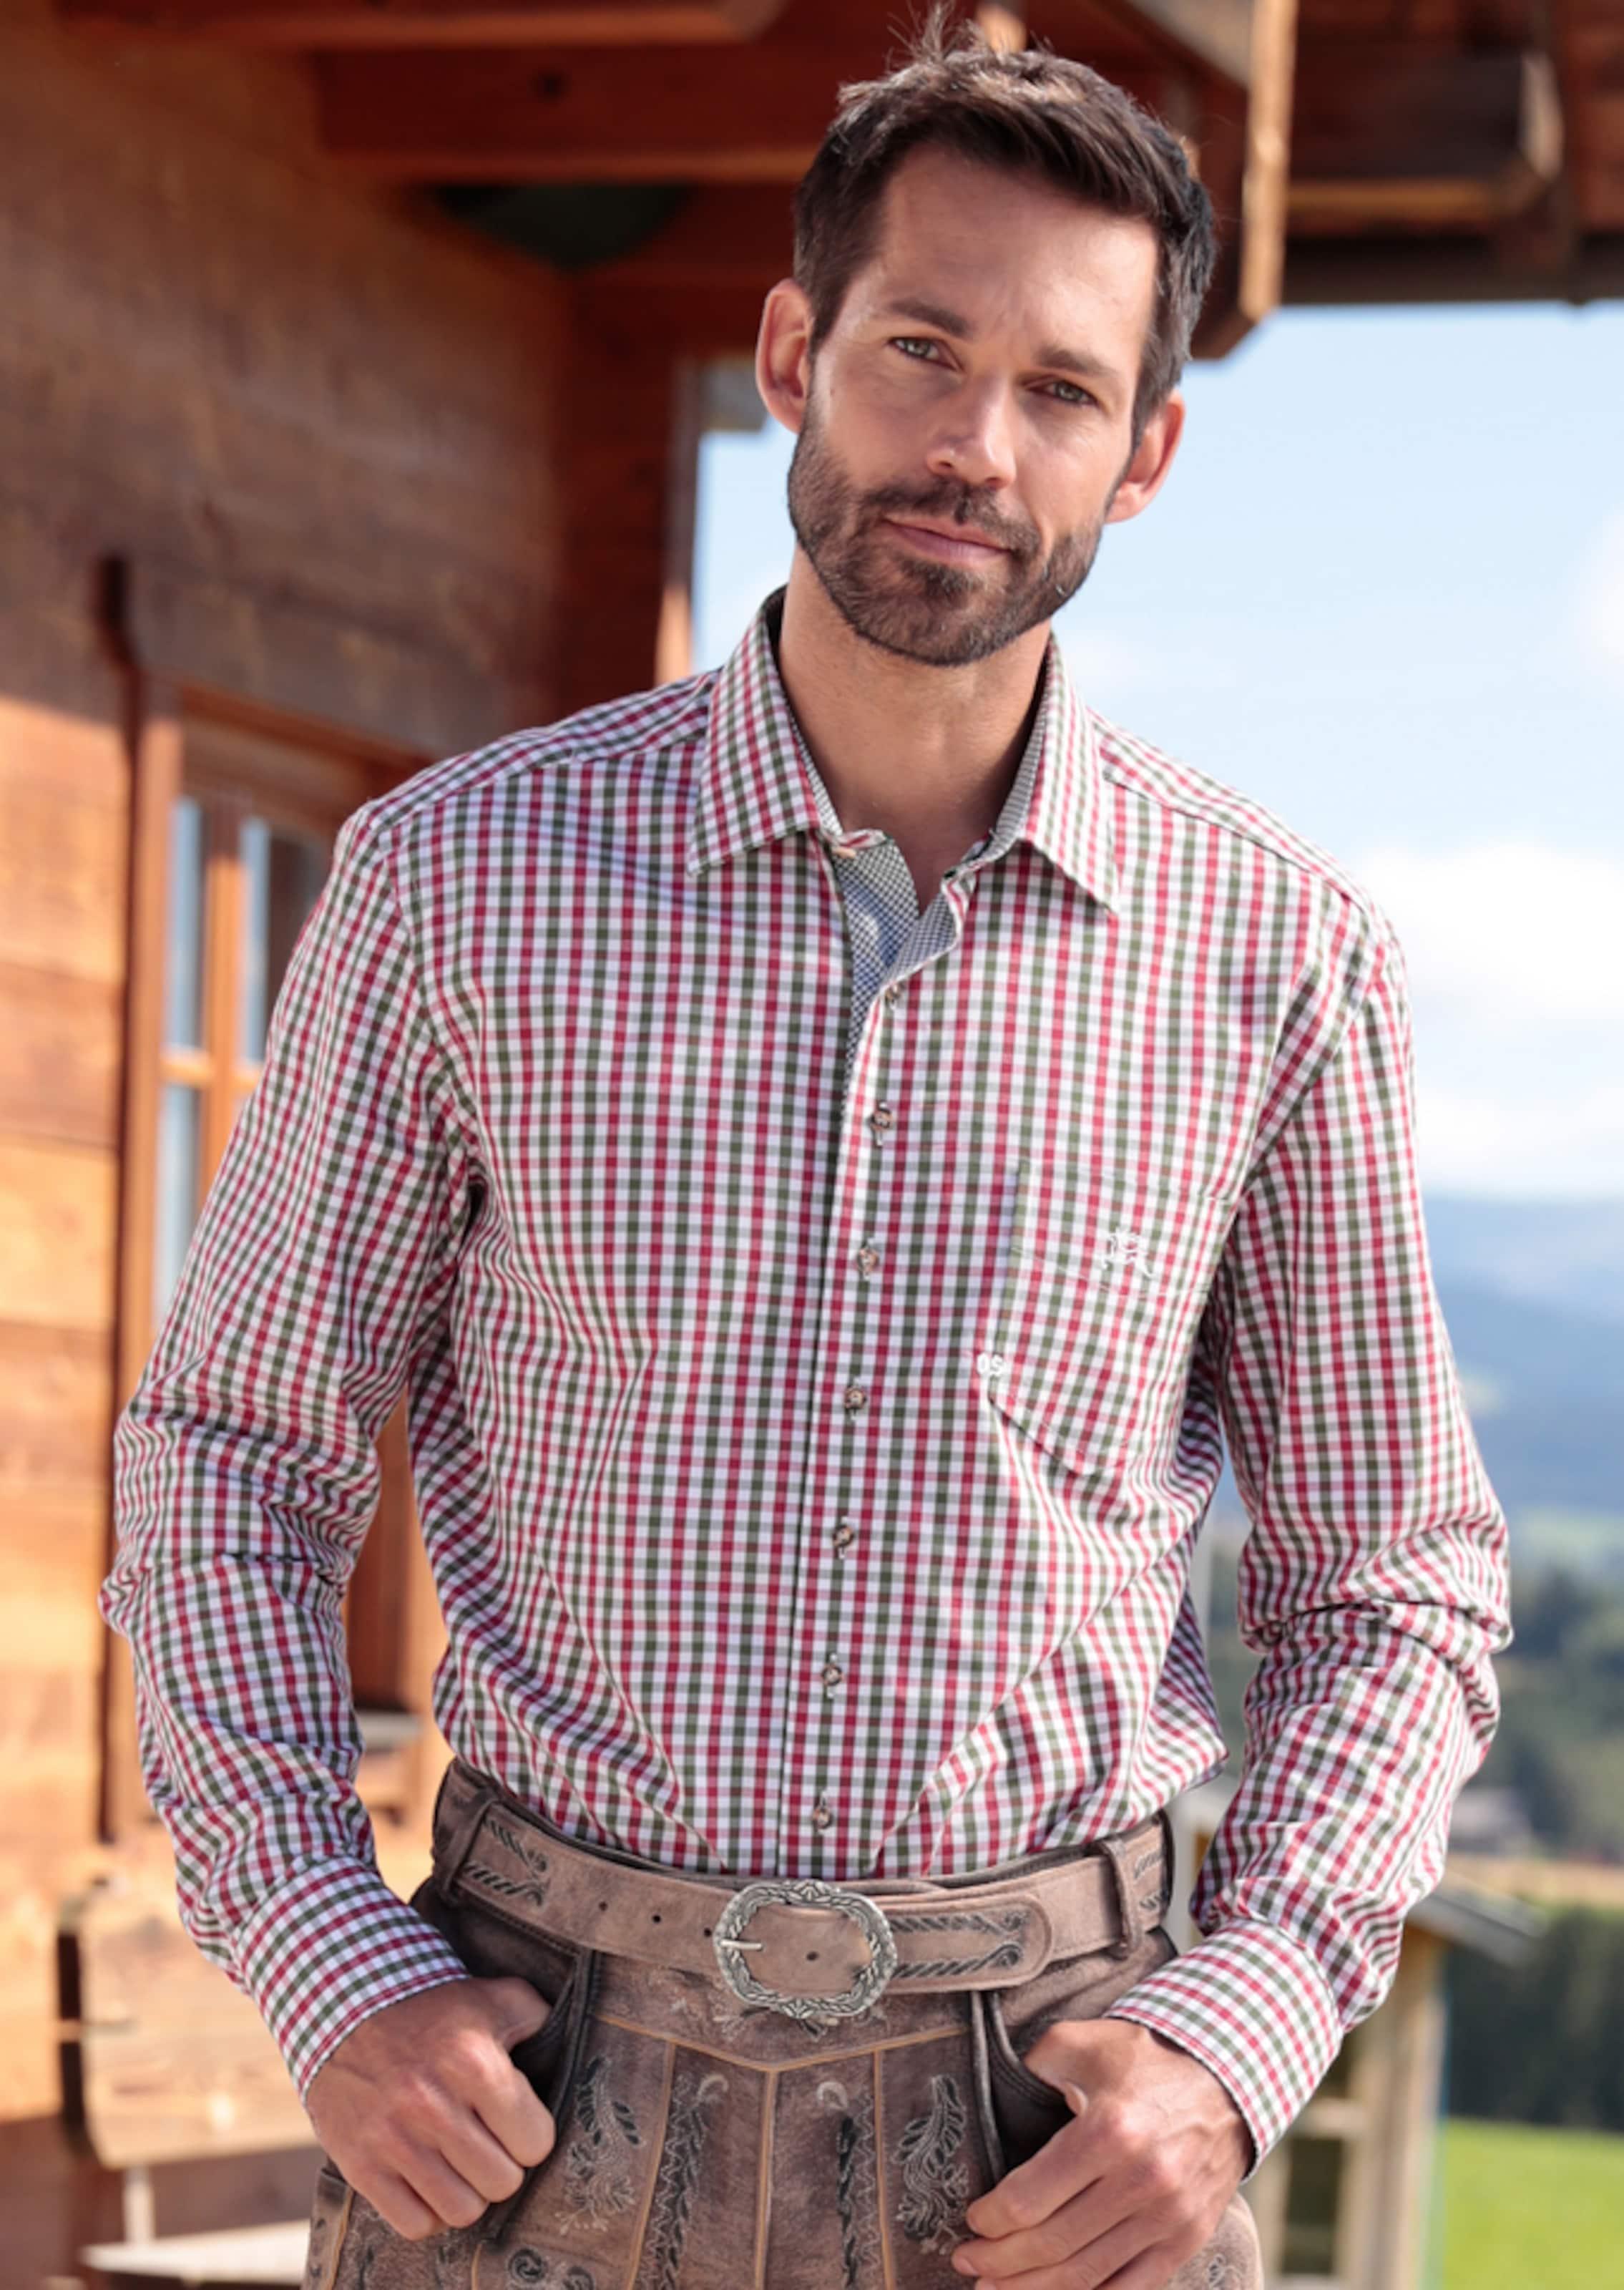 Ausgezeichnete Online-Verkauf Rabattpreise OS-TRACHTEN Trachtenhemd mit Kontrastmanschetten Auslass-Websites KbTDqP8